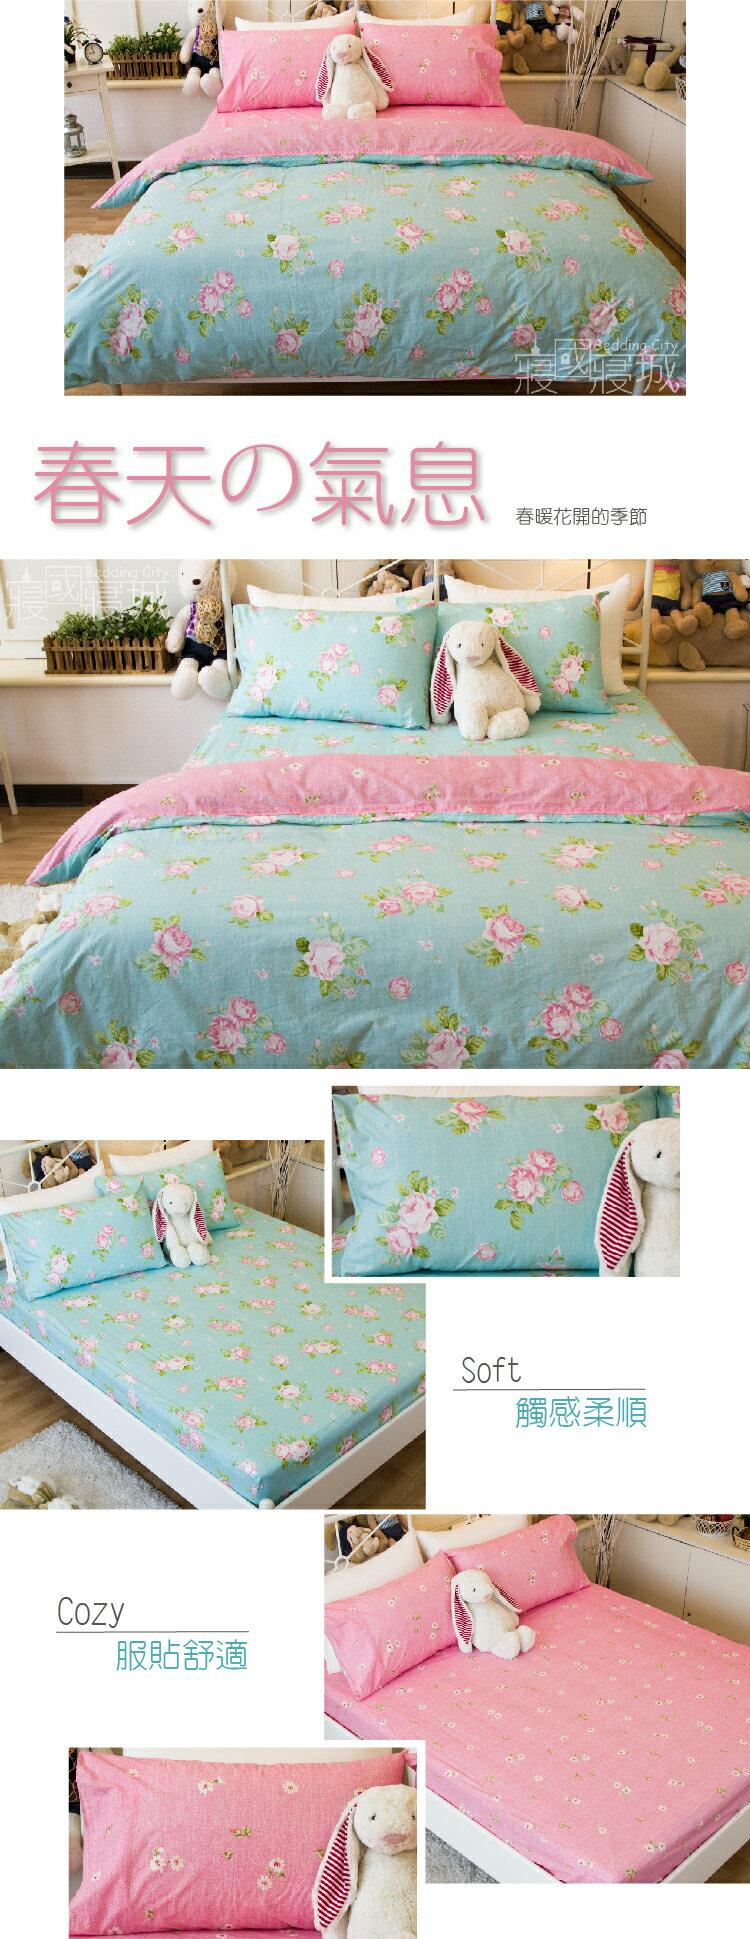 床包組/雙人/100%精梳棉-春天的氣息#綠色玫瑰【大鐘印染、台灣製造】#精梳純綿 1